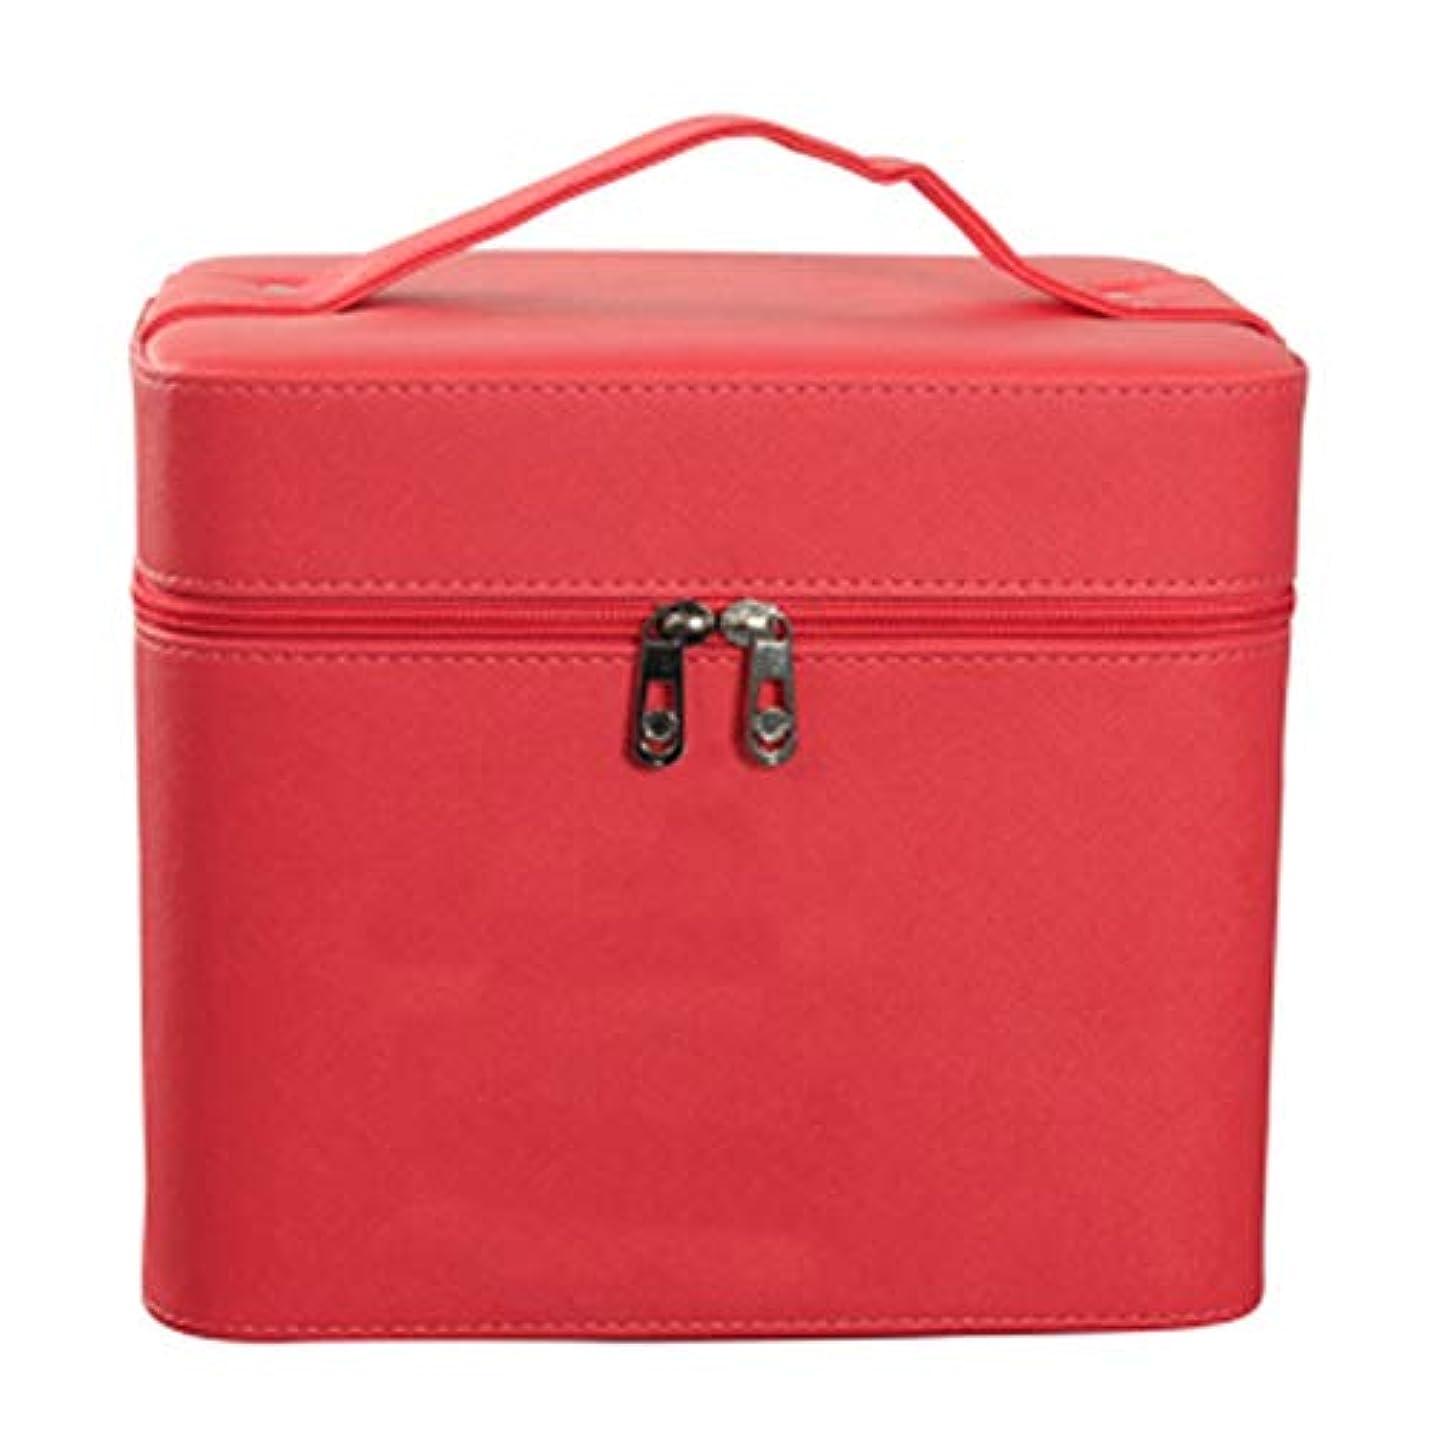 タップ製作半島化粧オーガナイザーバッグ ジッパーと化粧鏡で小さなものの種類の旅行のための美容メイクアップのための赤いポータブル化粧品バッグ 化粧品ケース